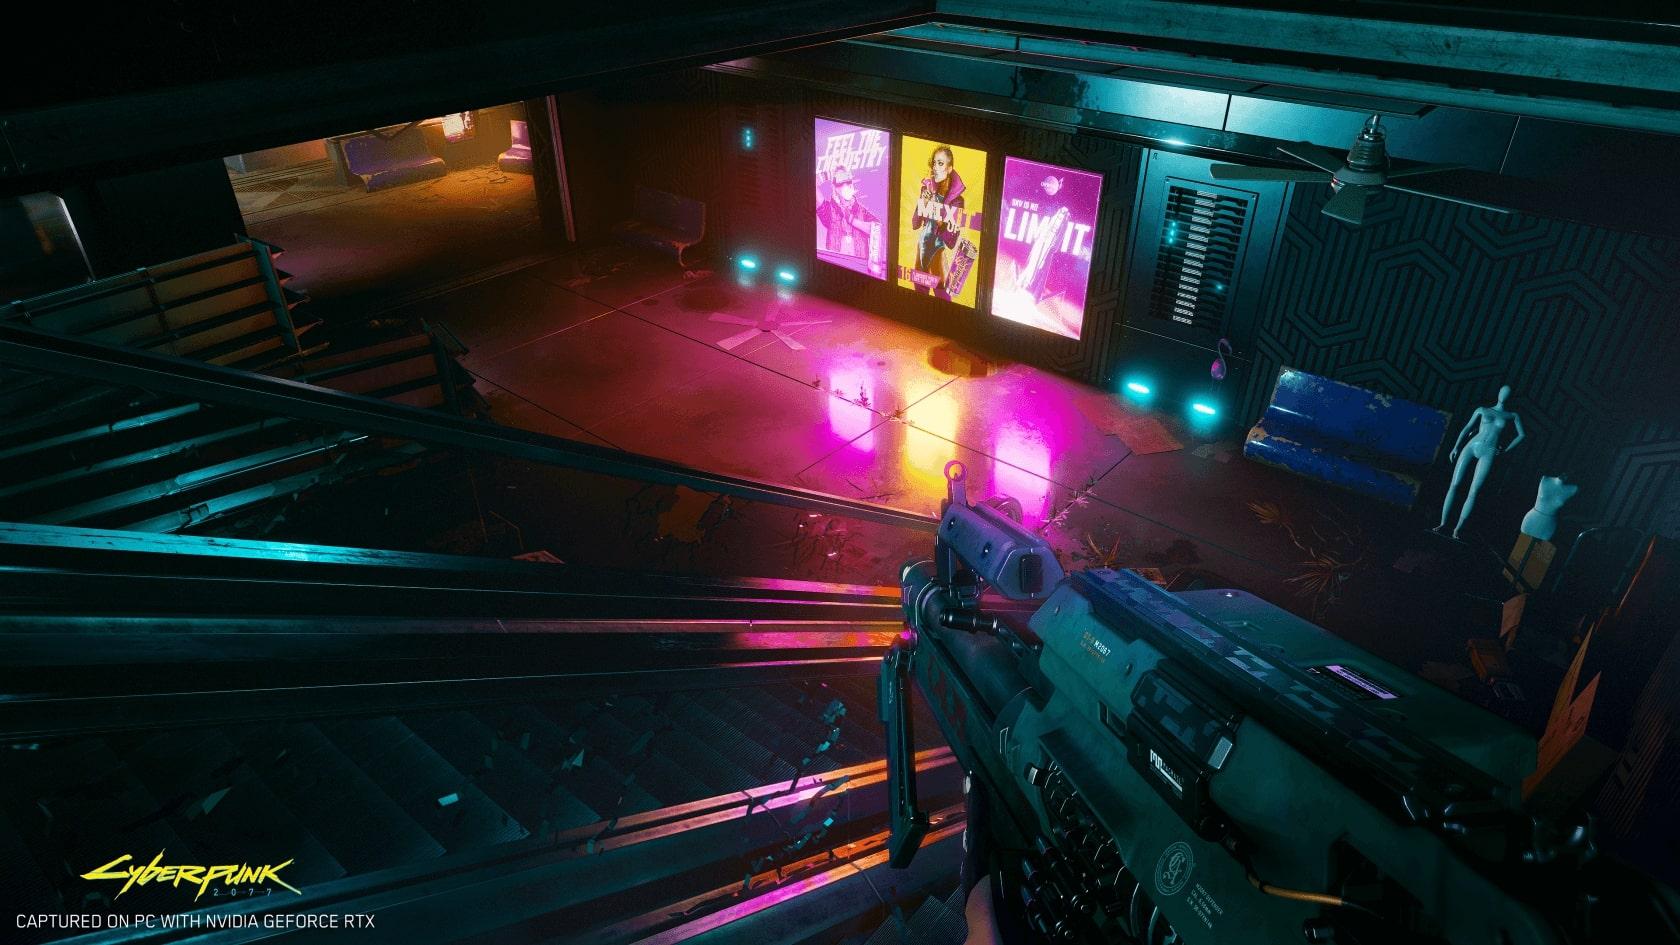 Cyberpunk 2077 aplica de forma similar a The Witcher 3 en el DLC